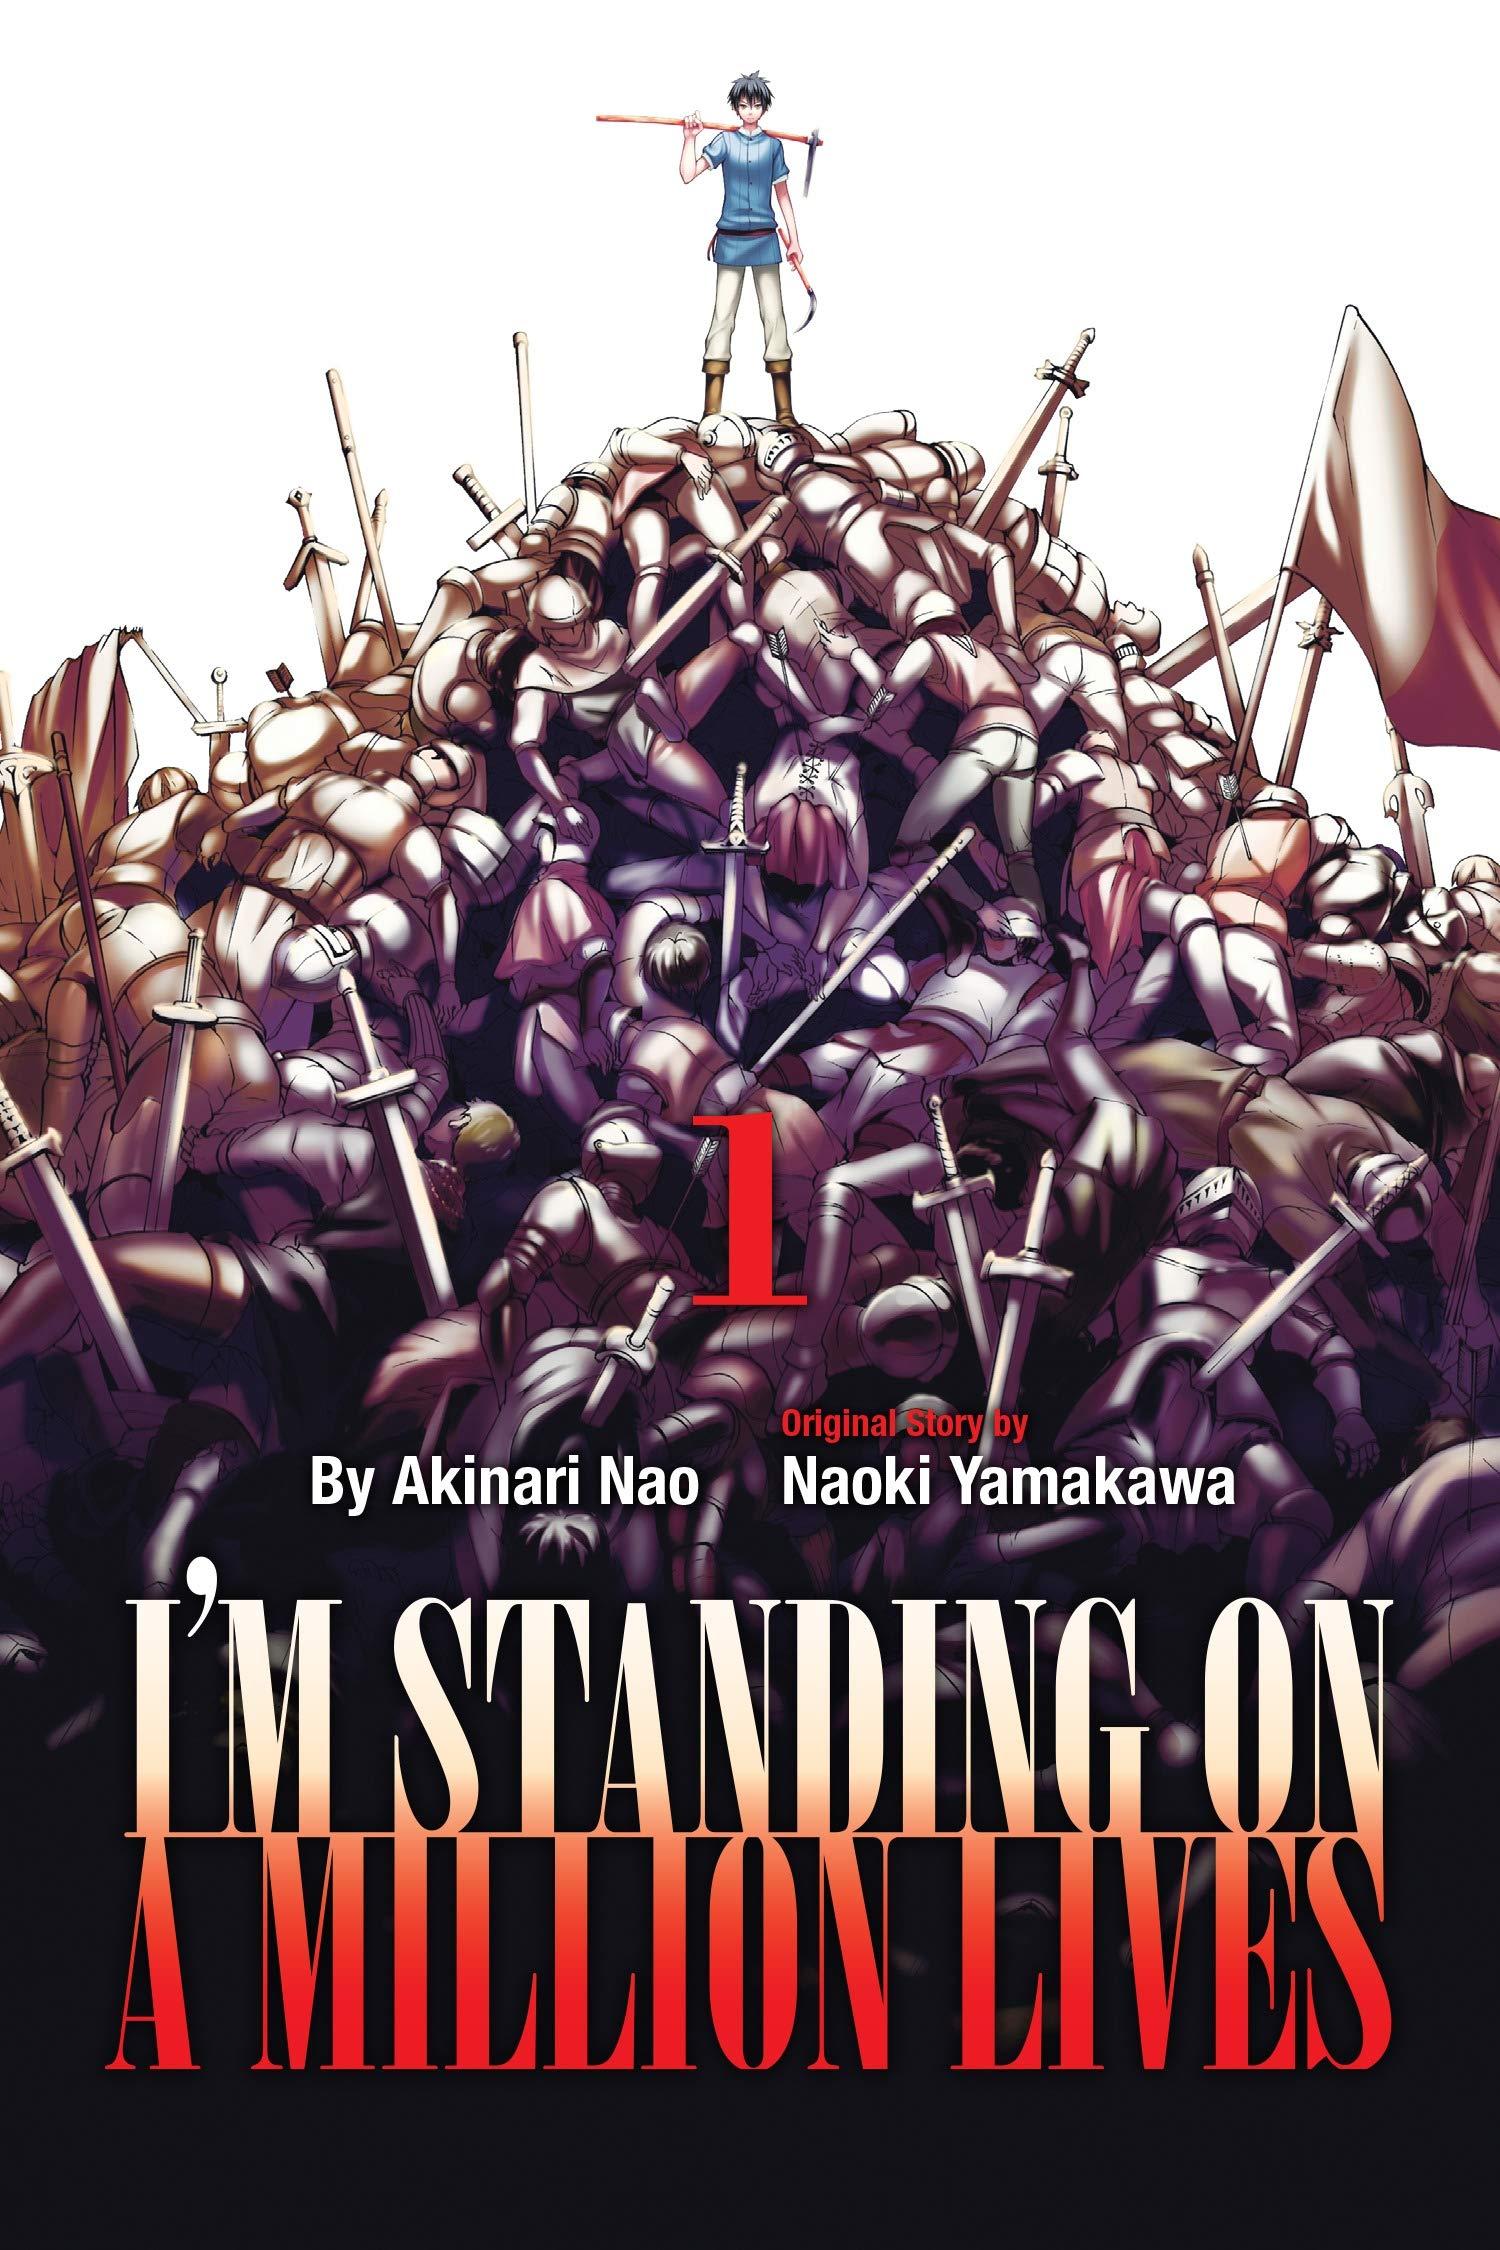 الإعلان عن ميعاد عرض الموسم الثاني من أنمي I'm Standing on a Million Lives !